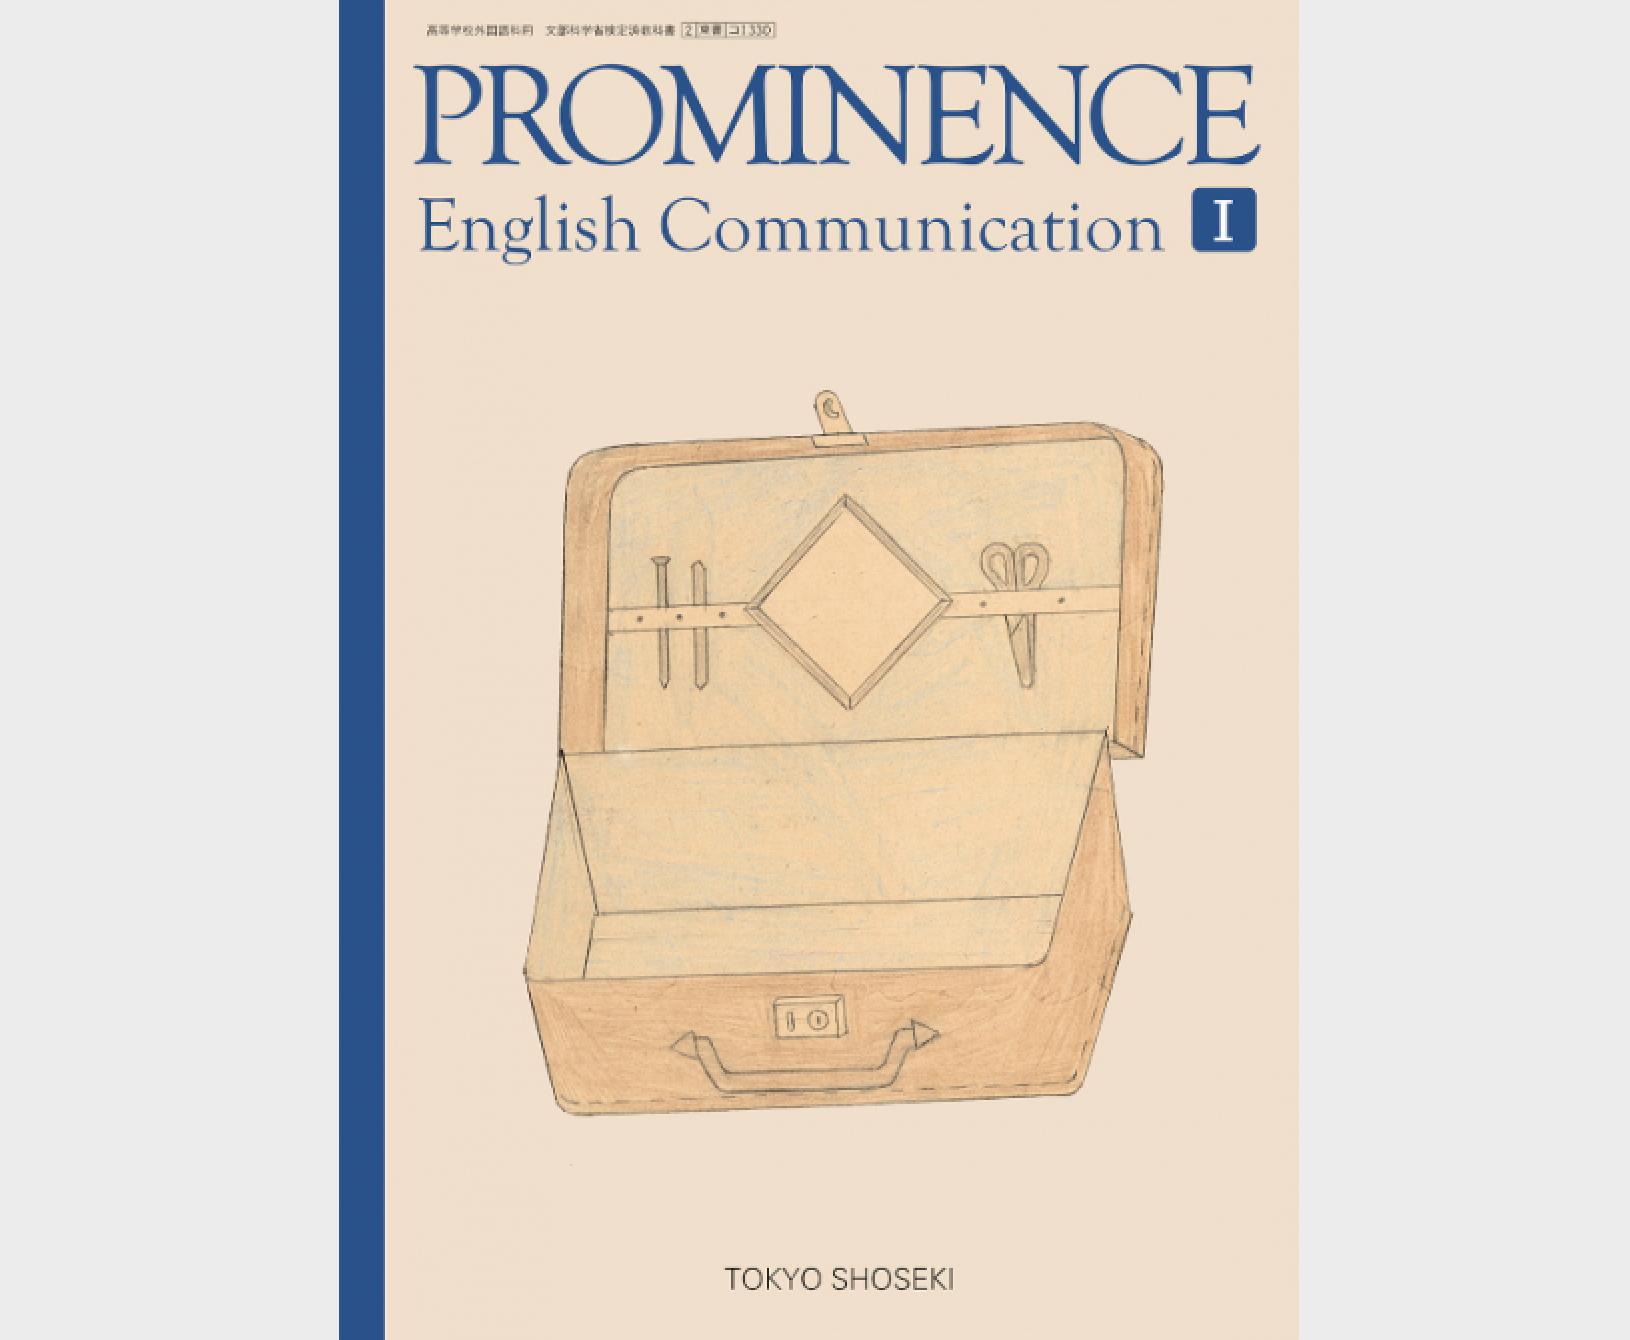 プロミネンス 和訳 【わやくの部屋】PROMINENCE